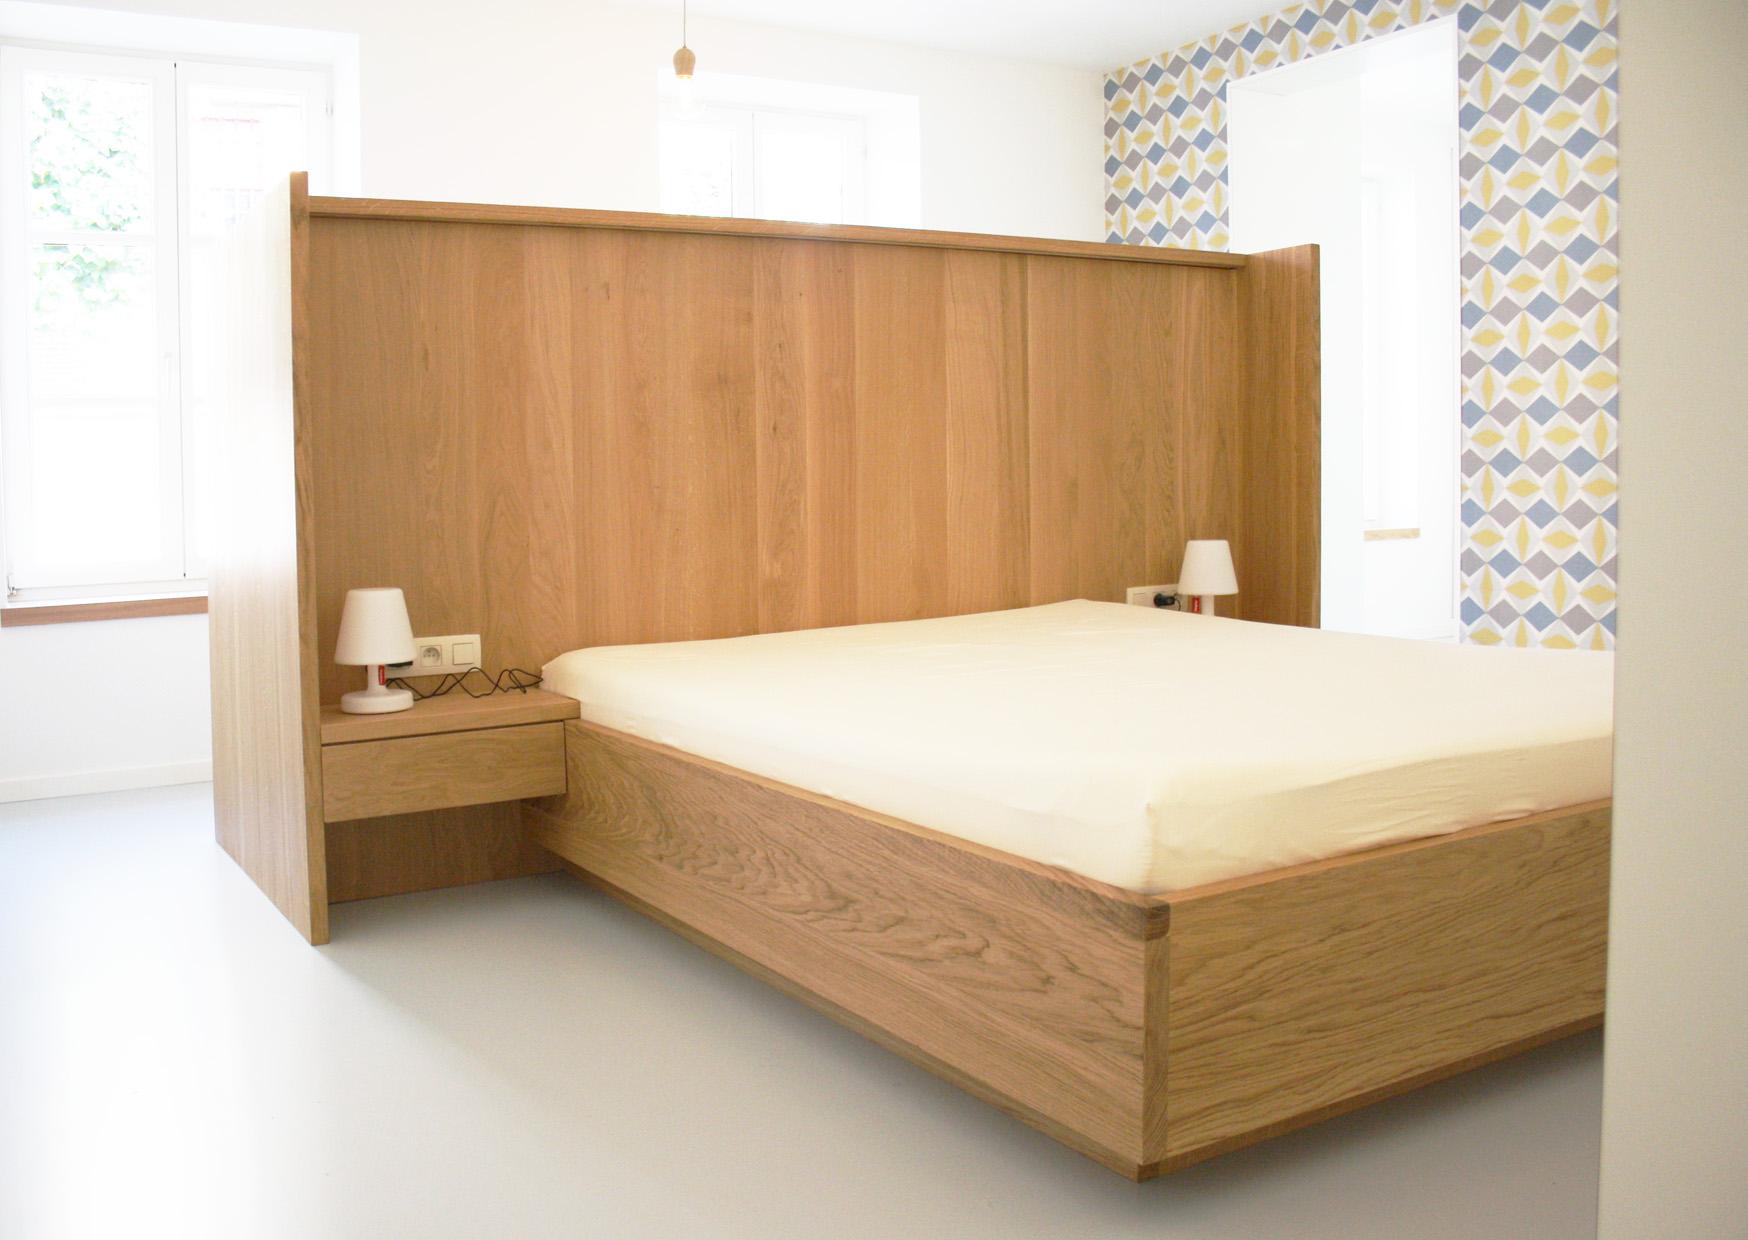 interieur_slaapkamer_bed.jpg